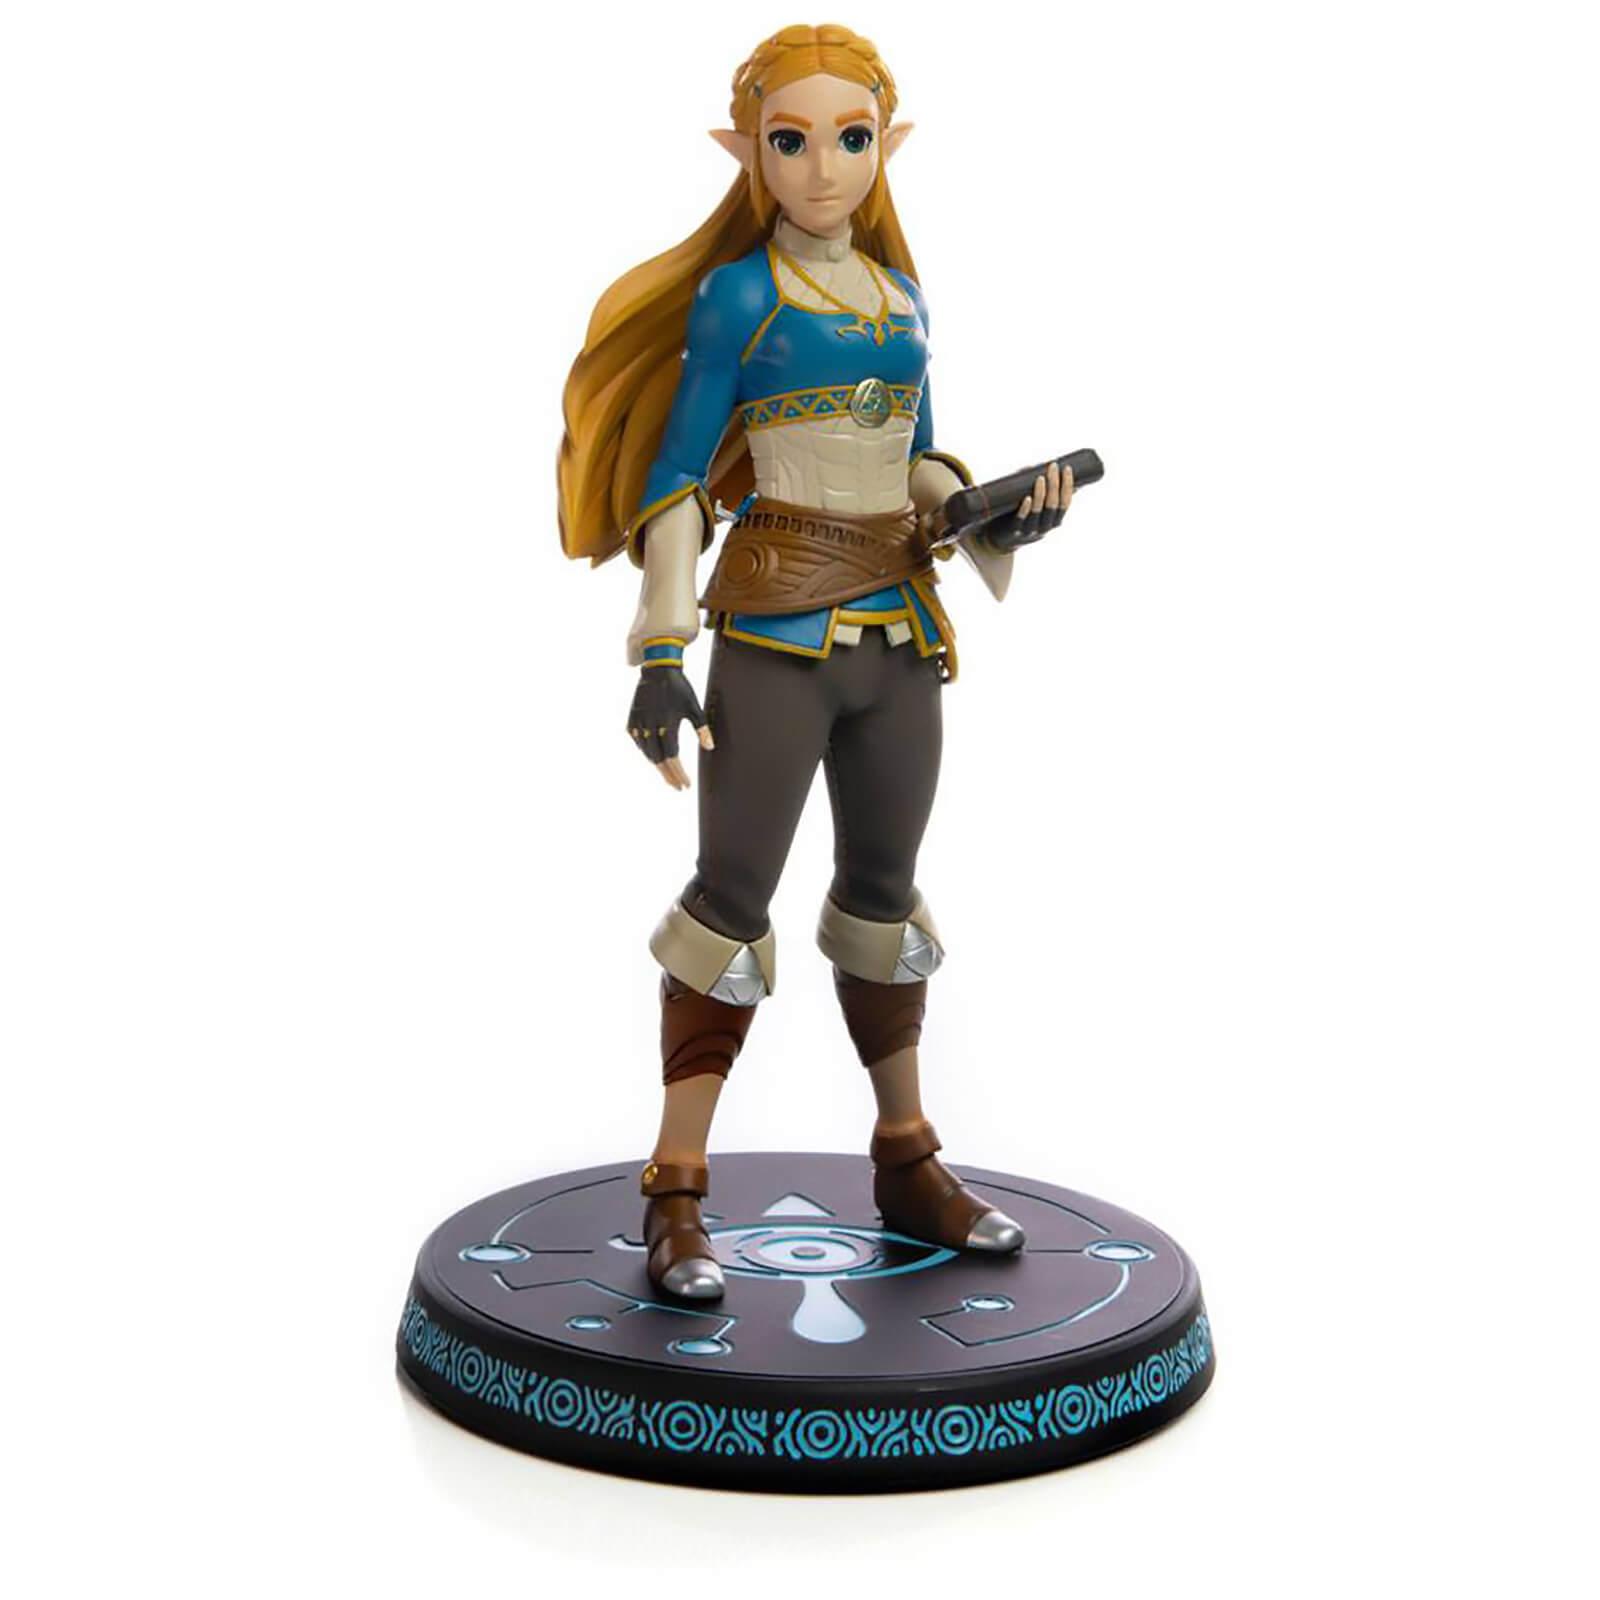 First 4 Figures The Legend Of Zelda: Breath of the Wild Standard Edition 25cm PVC Figures - Zelda